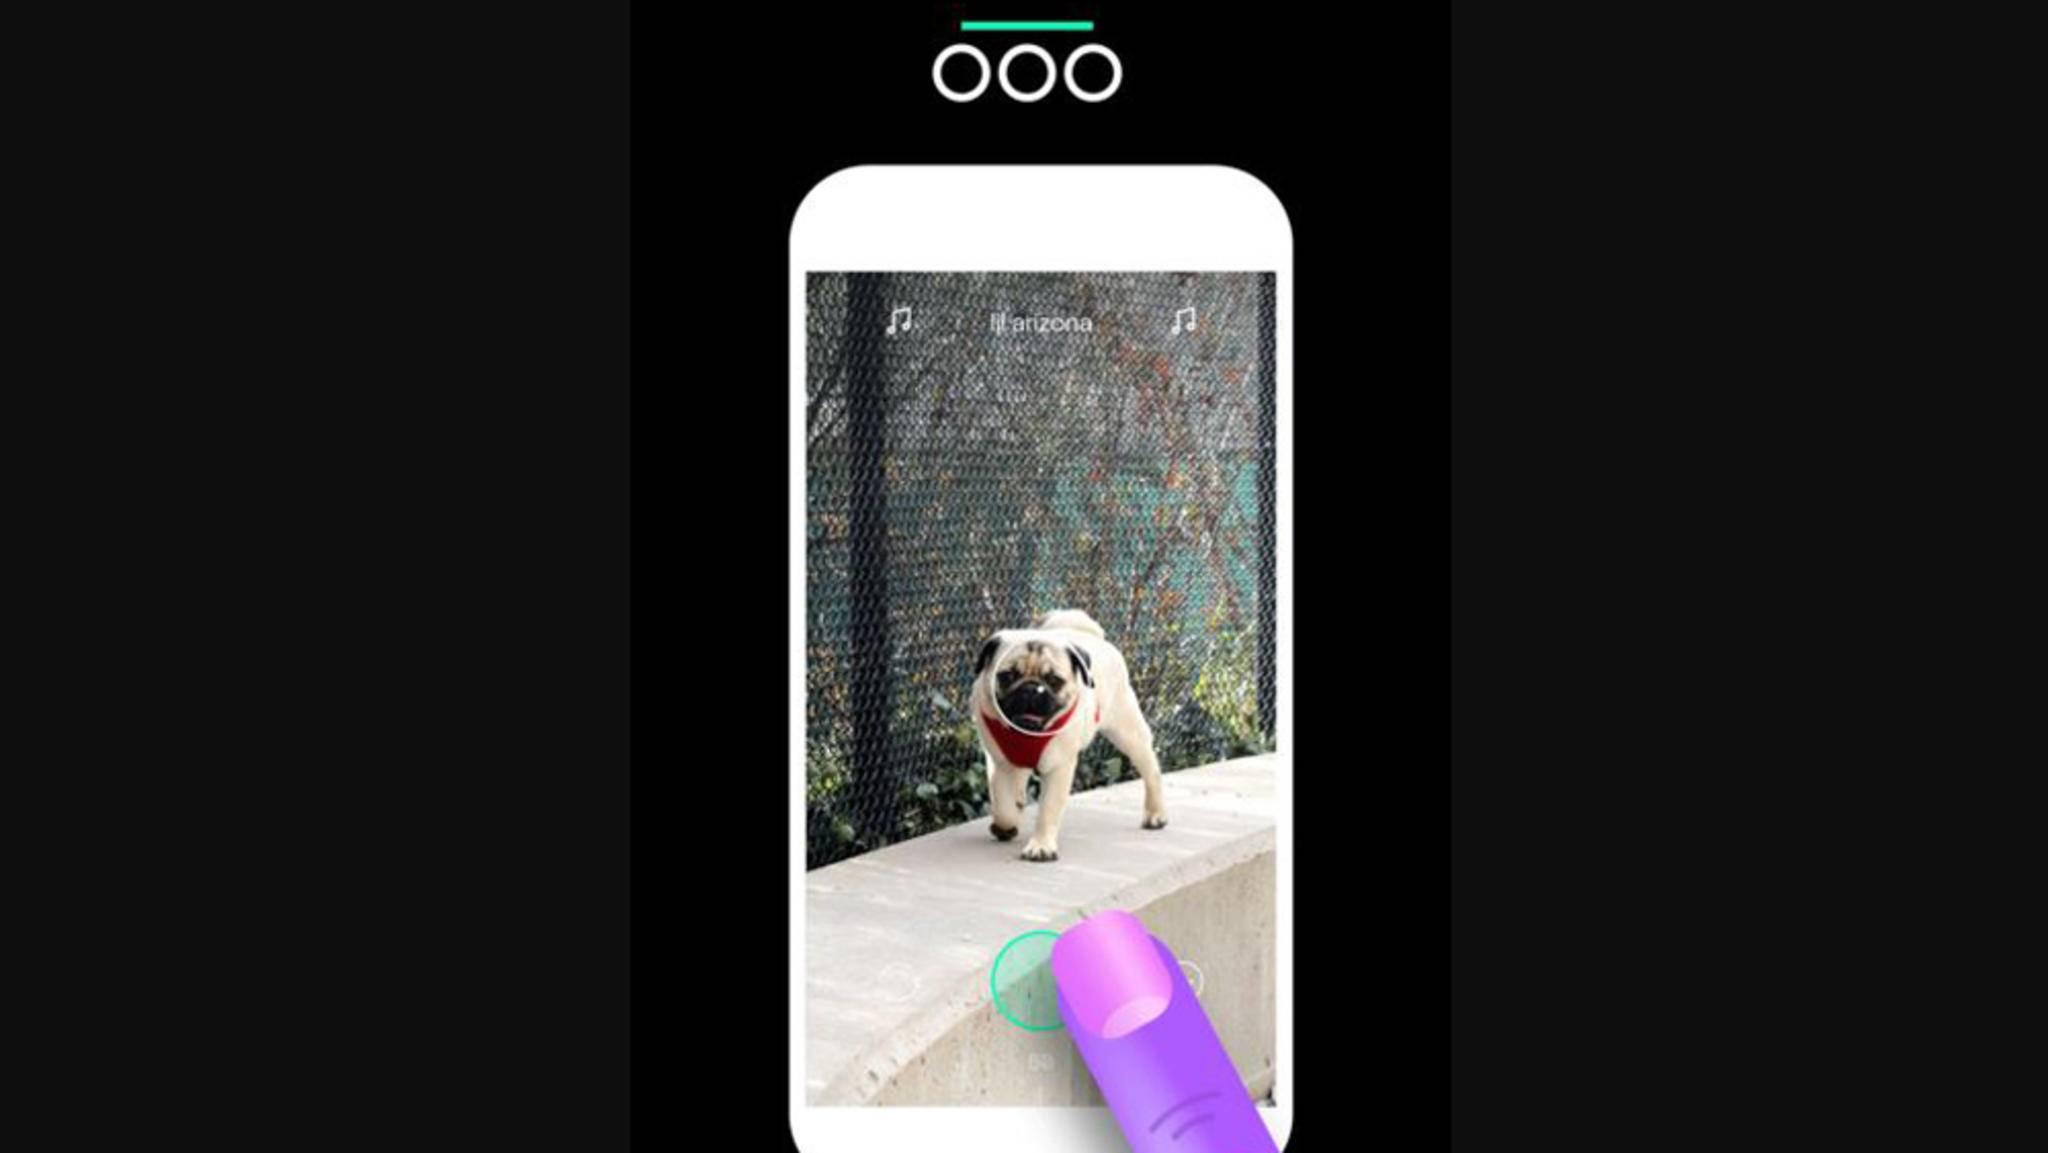 OOO soll keine perfekten Ergebnisse liefern, sondern vor allem Spaß beim Zoomen machen.